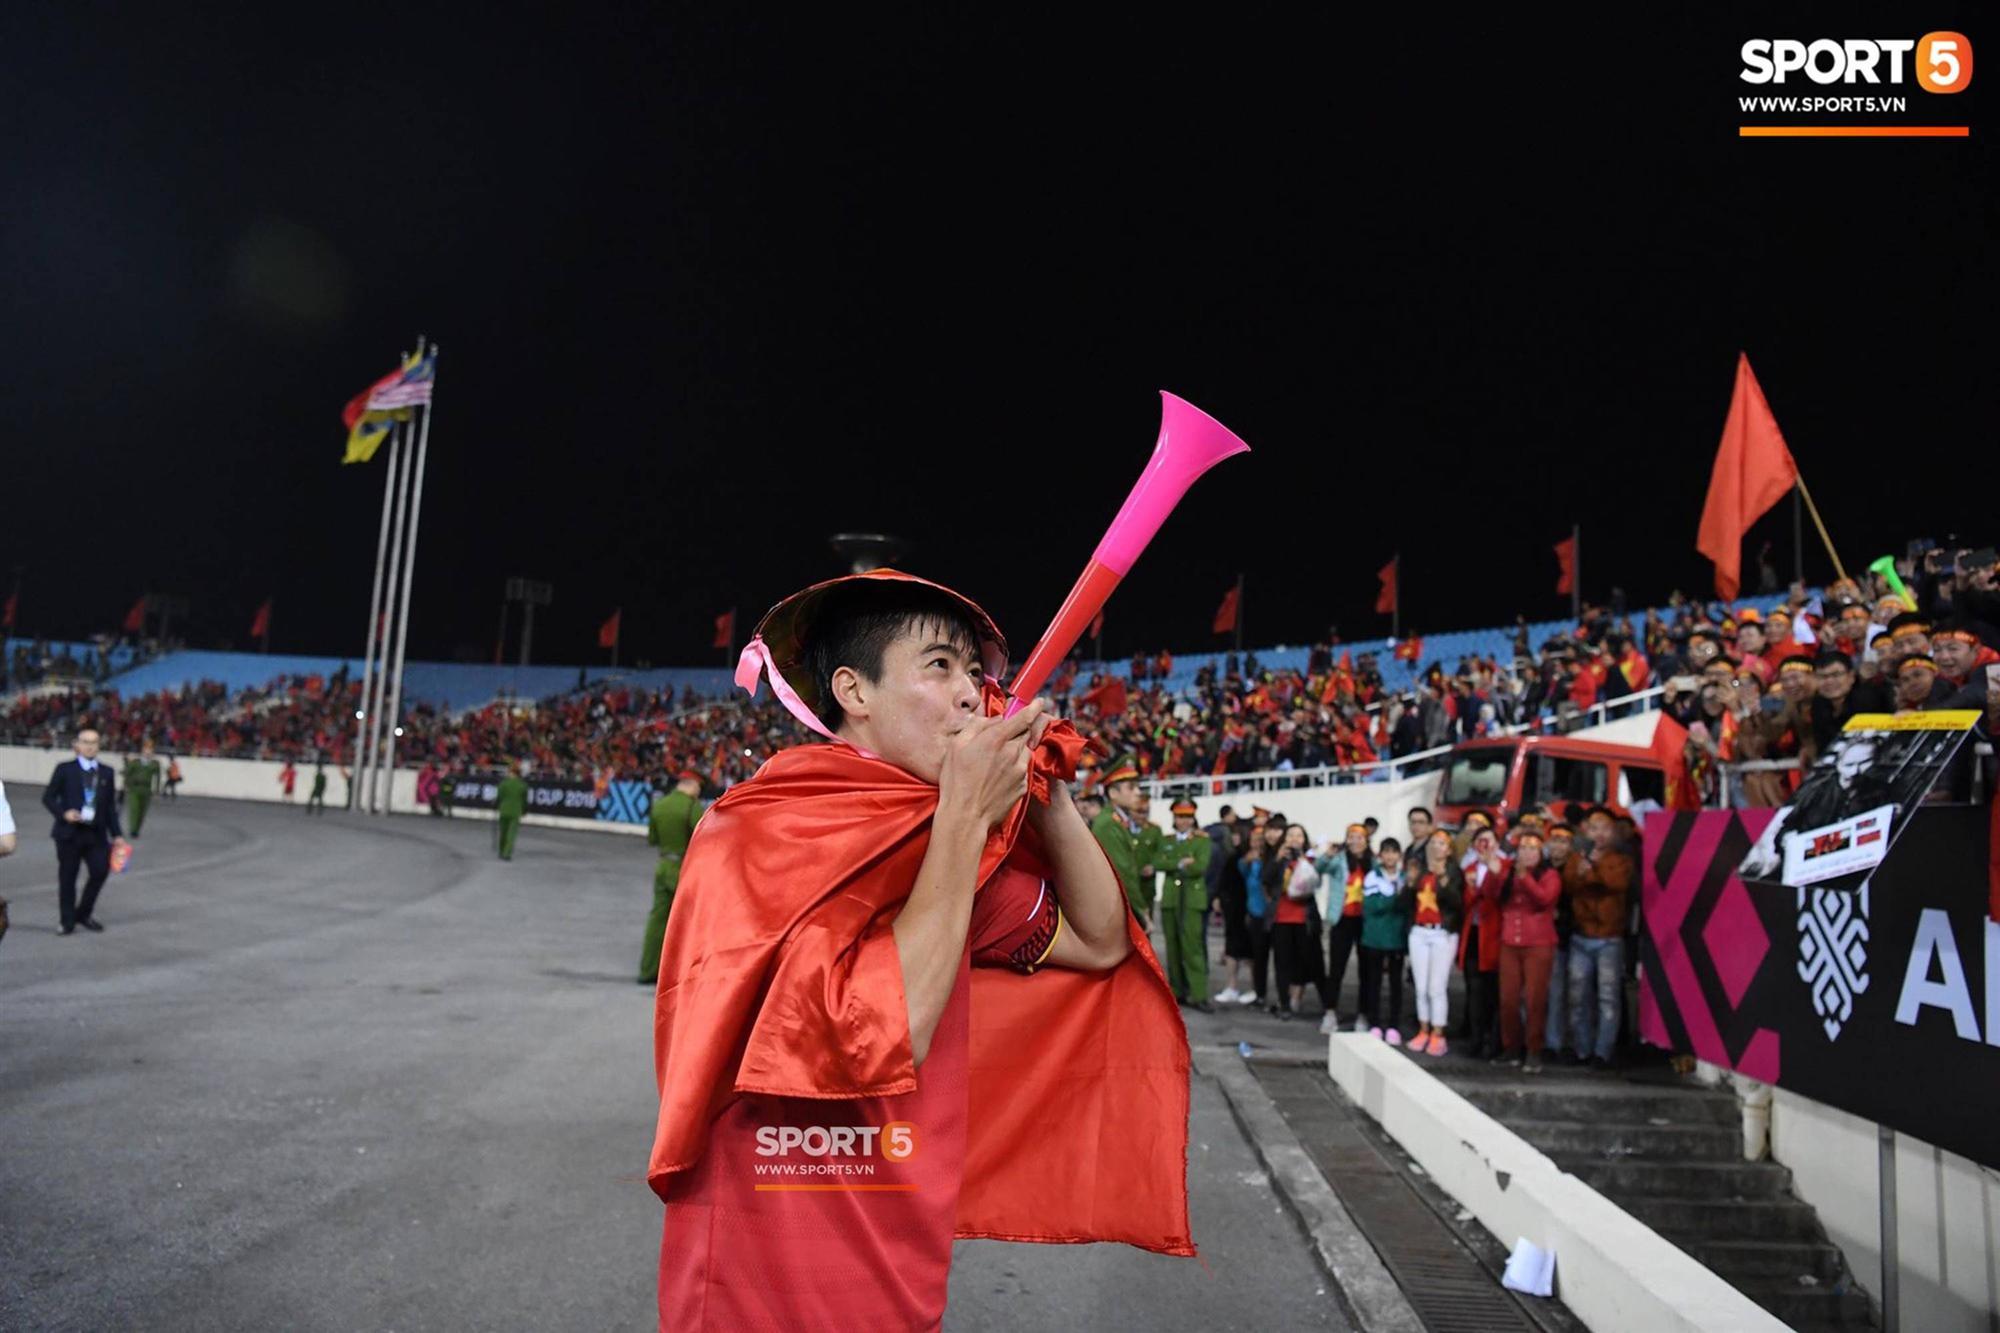 Quang Hải đội tóc giả màu nõn chuối, đi tung tăng khắp sân, xứng đáng là màn ăn mừng cute nhất sau trận chung kết-5